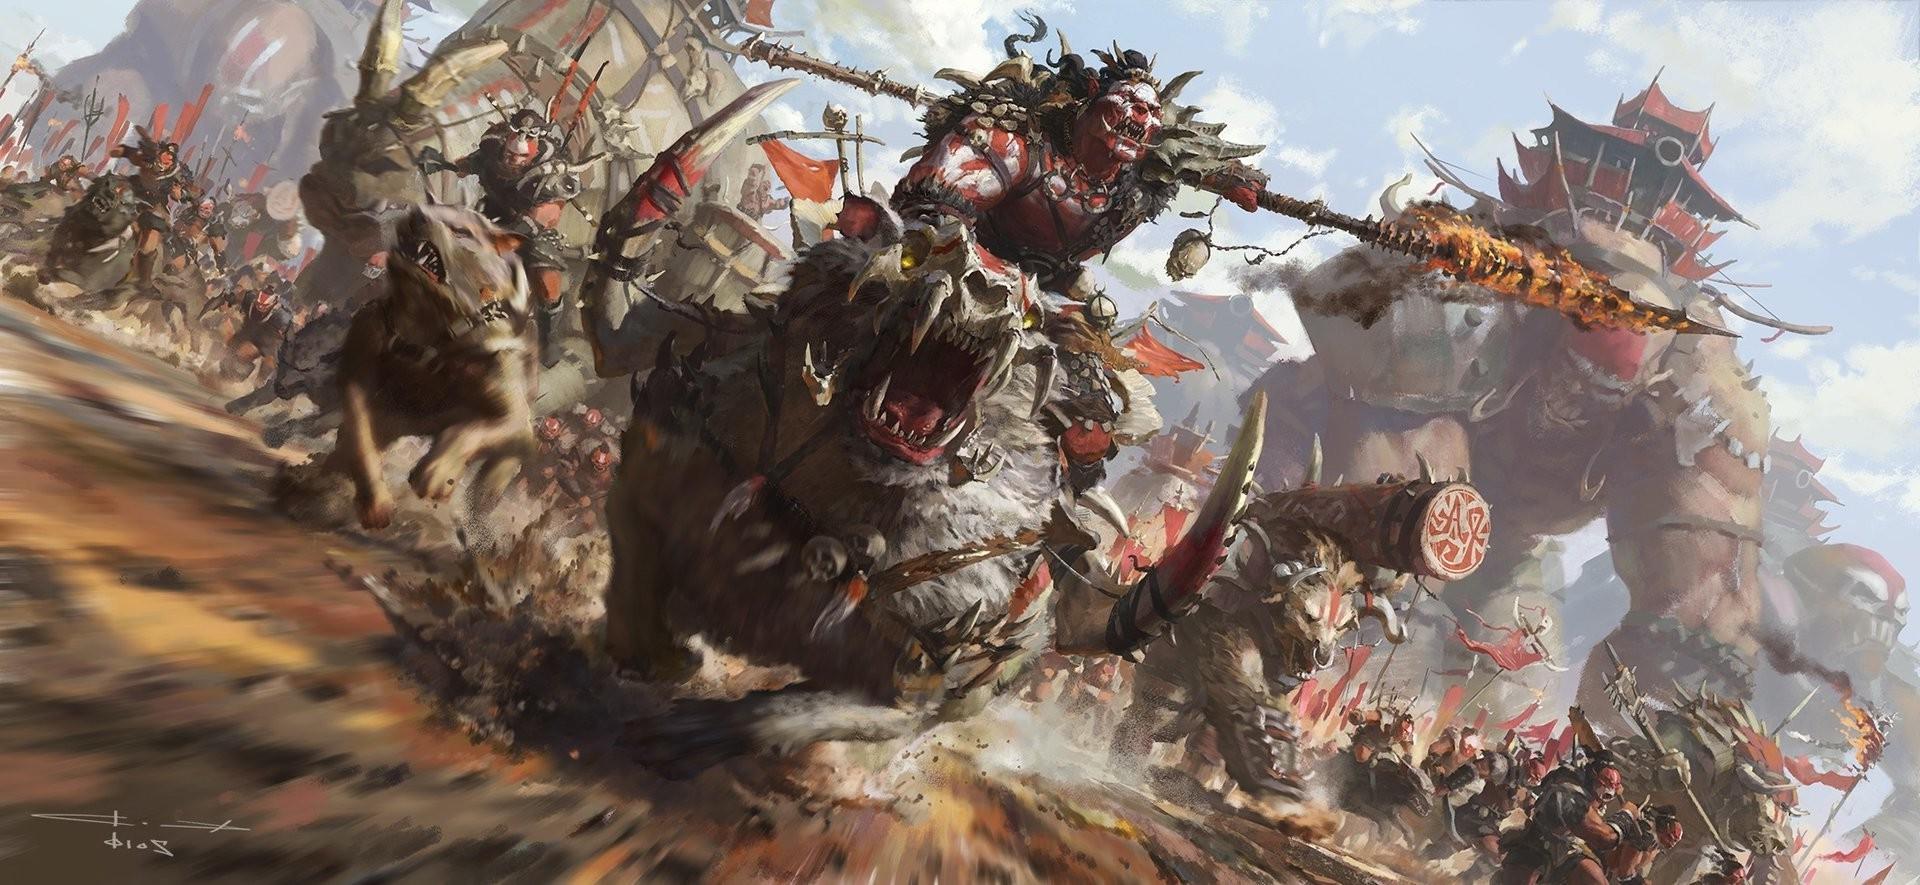 1920x885 px fan art World of Warcraft